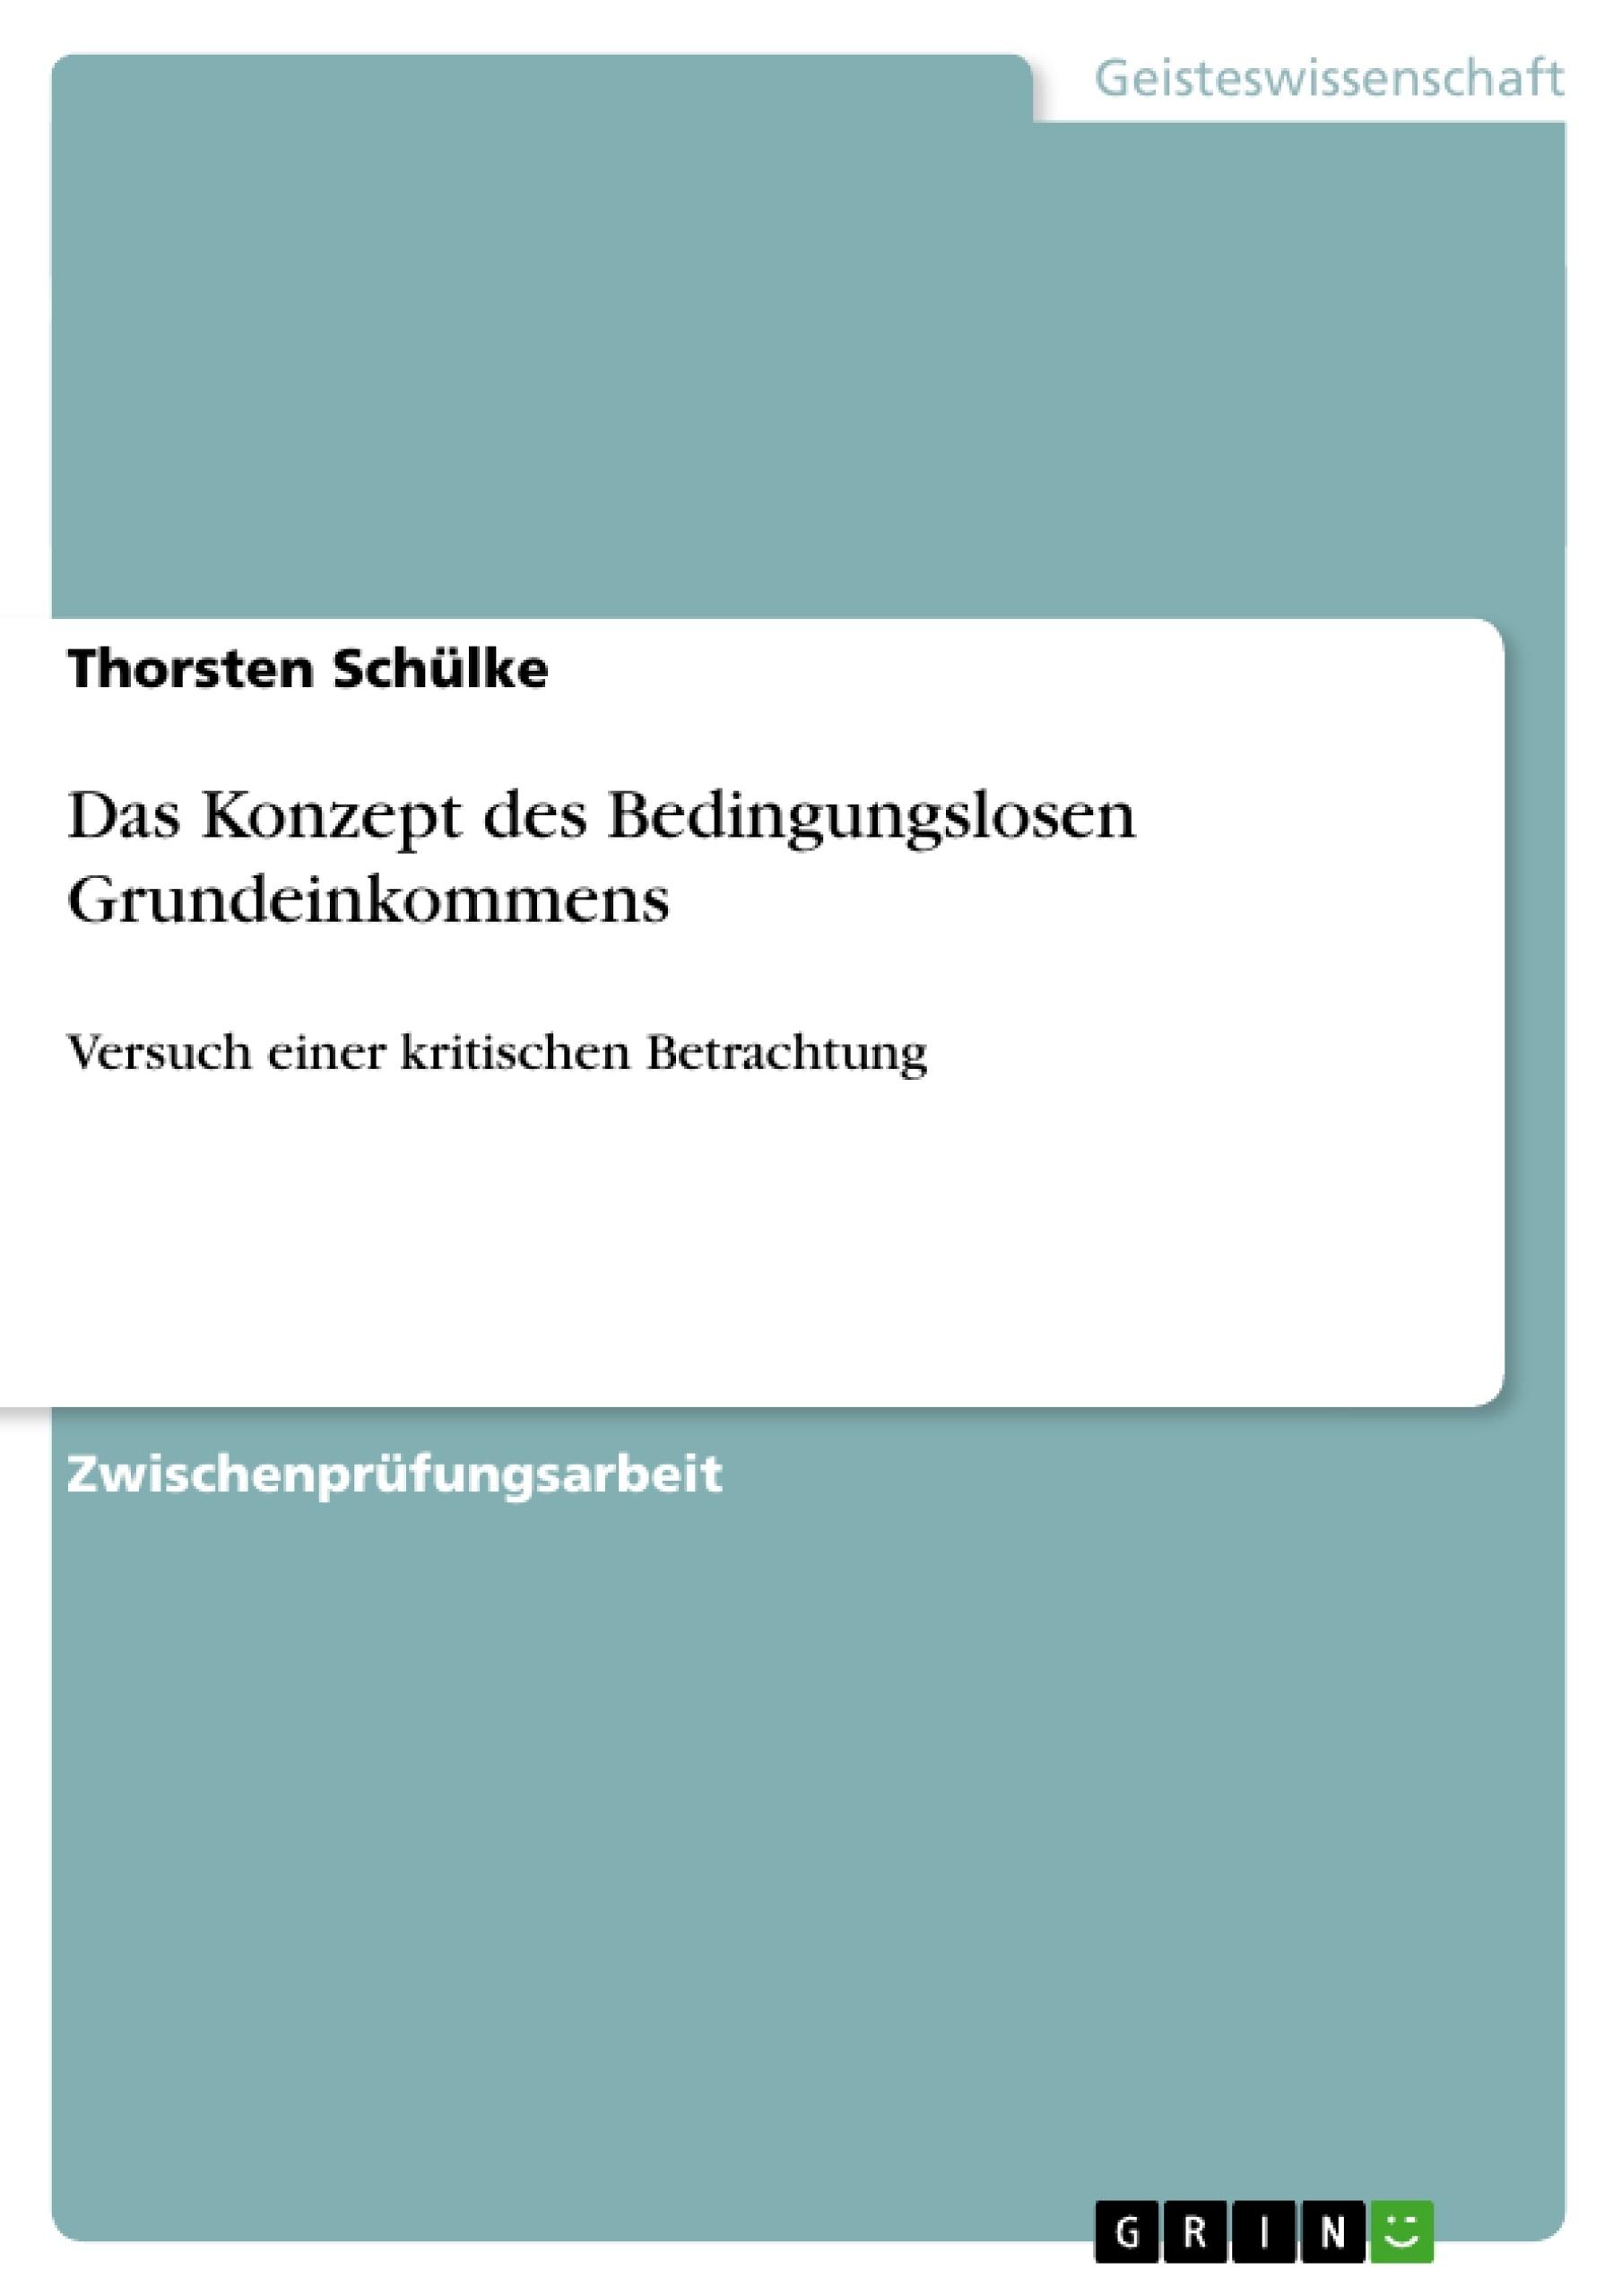 Titel: Das Konzept des Bedingungslosen Grundeinkommens